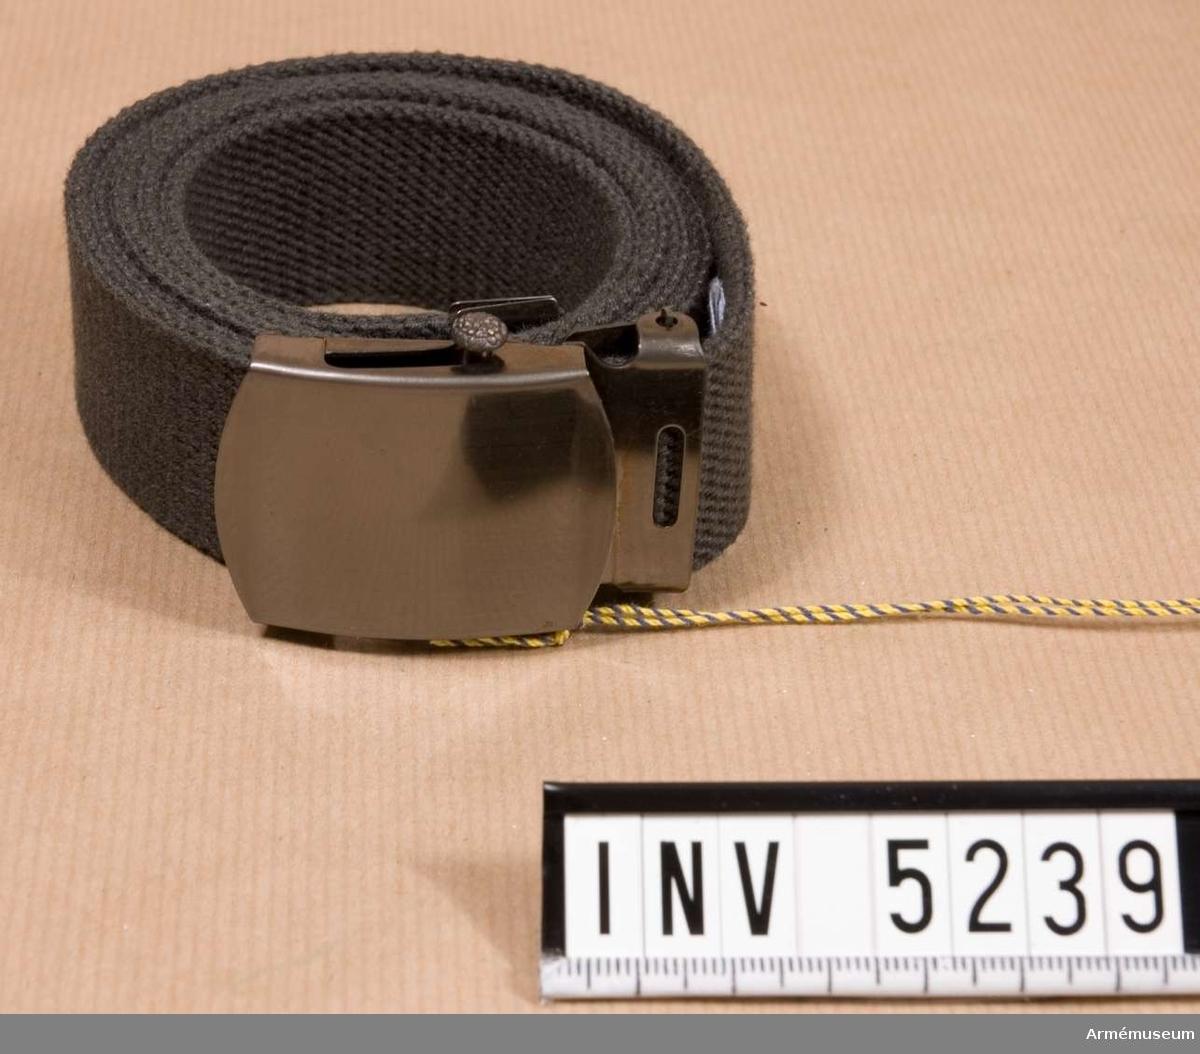 Textil. Längd: 1200 mm. Bredd: 30 mm.Tillverkat av stålgrått textilband med spänne av stål. Stålspännet märkt Sa Ve = Sam Vedin Stockholm.